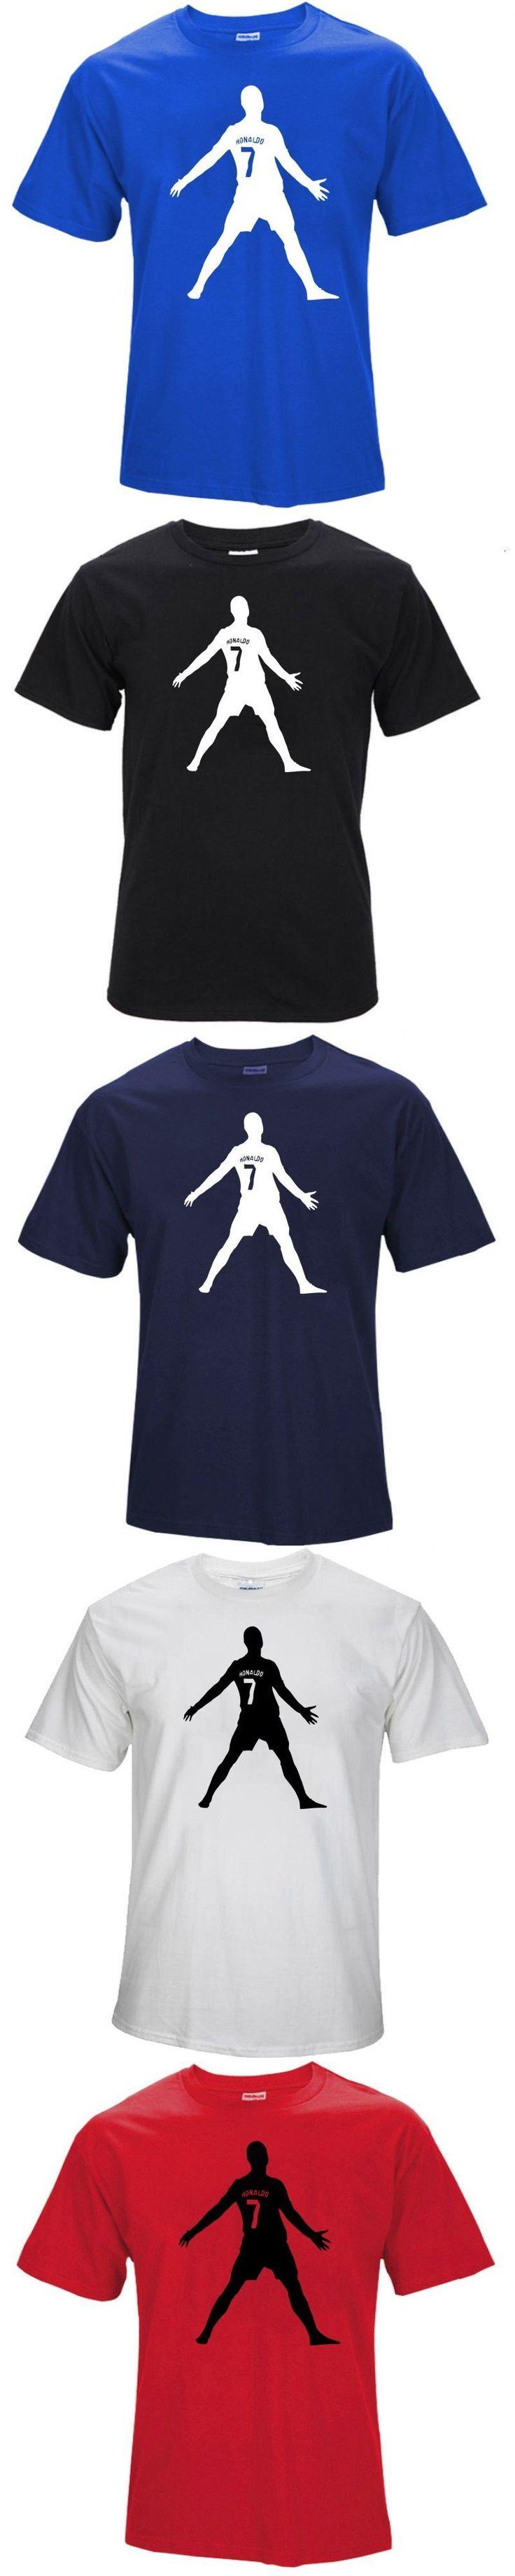 Summer World Cup Cristiano Ronaldo men's T-shirt man t shirt summer 2016 child bodybuilding t-shirt survetement footbal #menst-shirtssummer